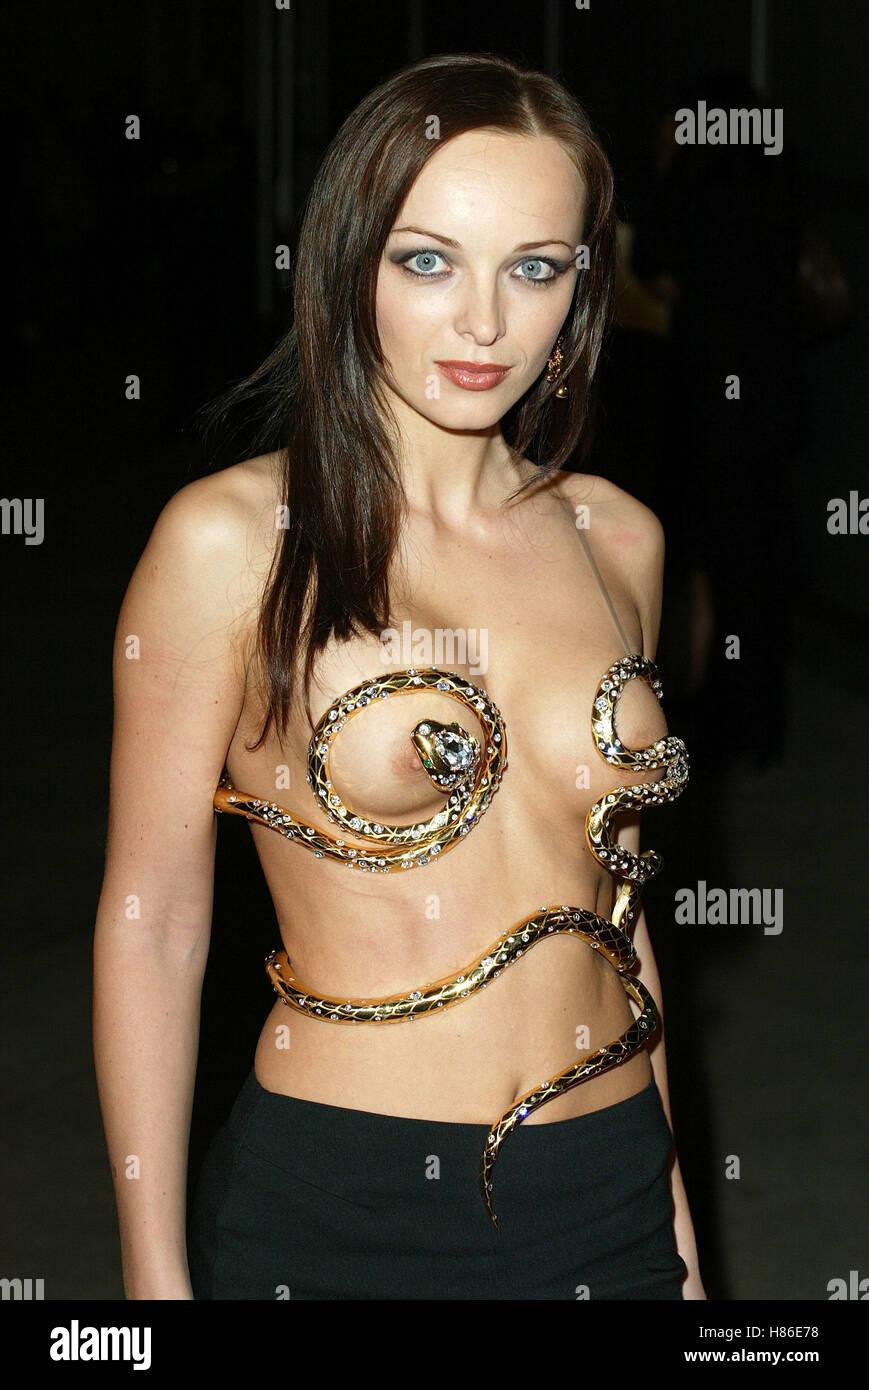 Elena Maddalo naked 419